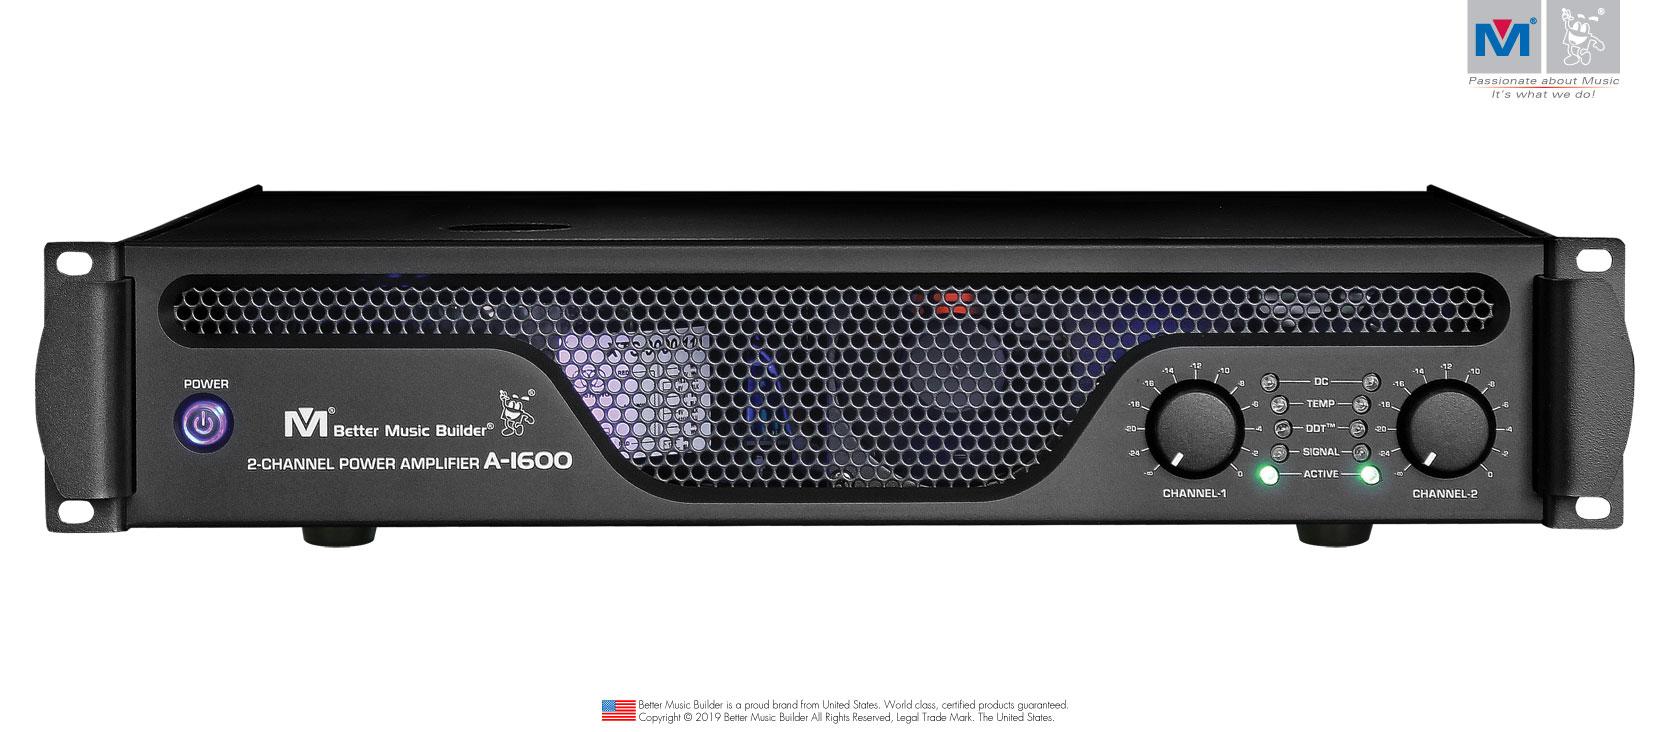 Better Music Builder (M) A-1600 2-Channel Power Amplifier 1200 Watts